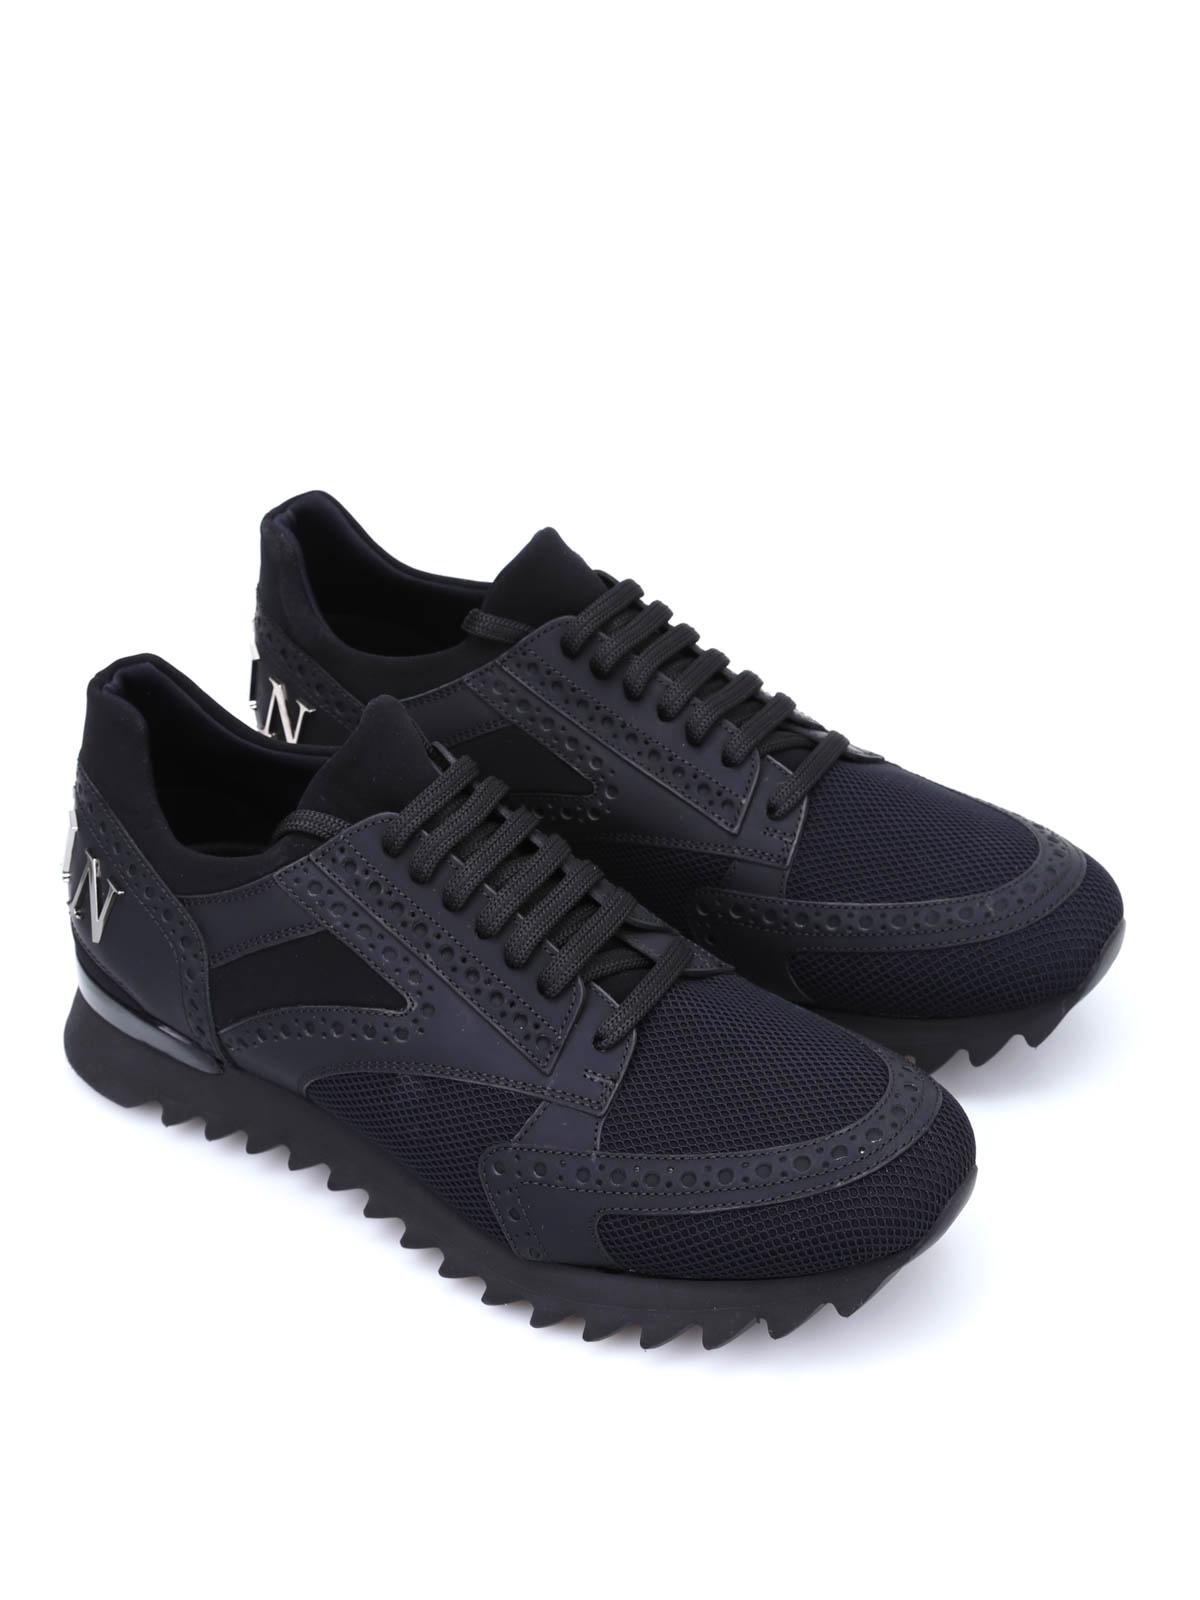 baskets be proud pour homme de philipp plein chaussures. Black Bedroom Furniture Sets. Home Design Ideas